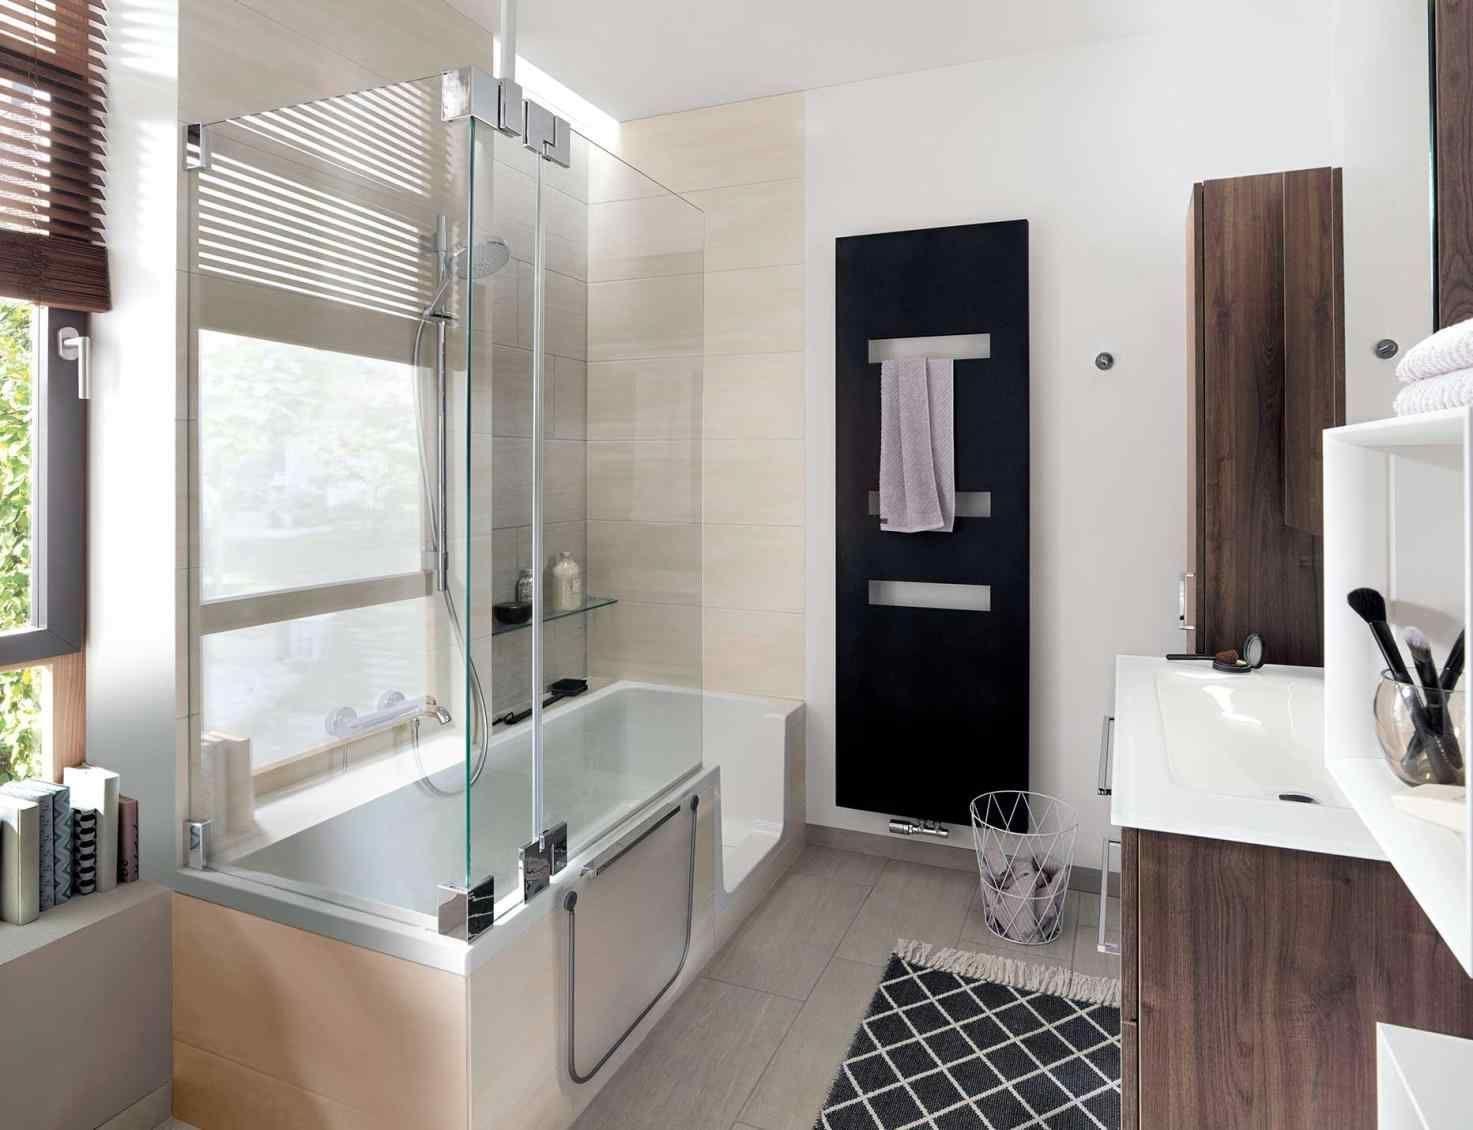 Hervorragend Bad Gestalten Modern Badezimmer Design Fliesen Ideen